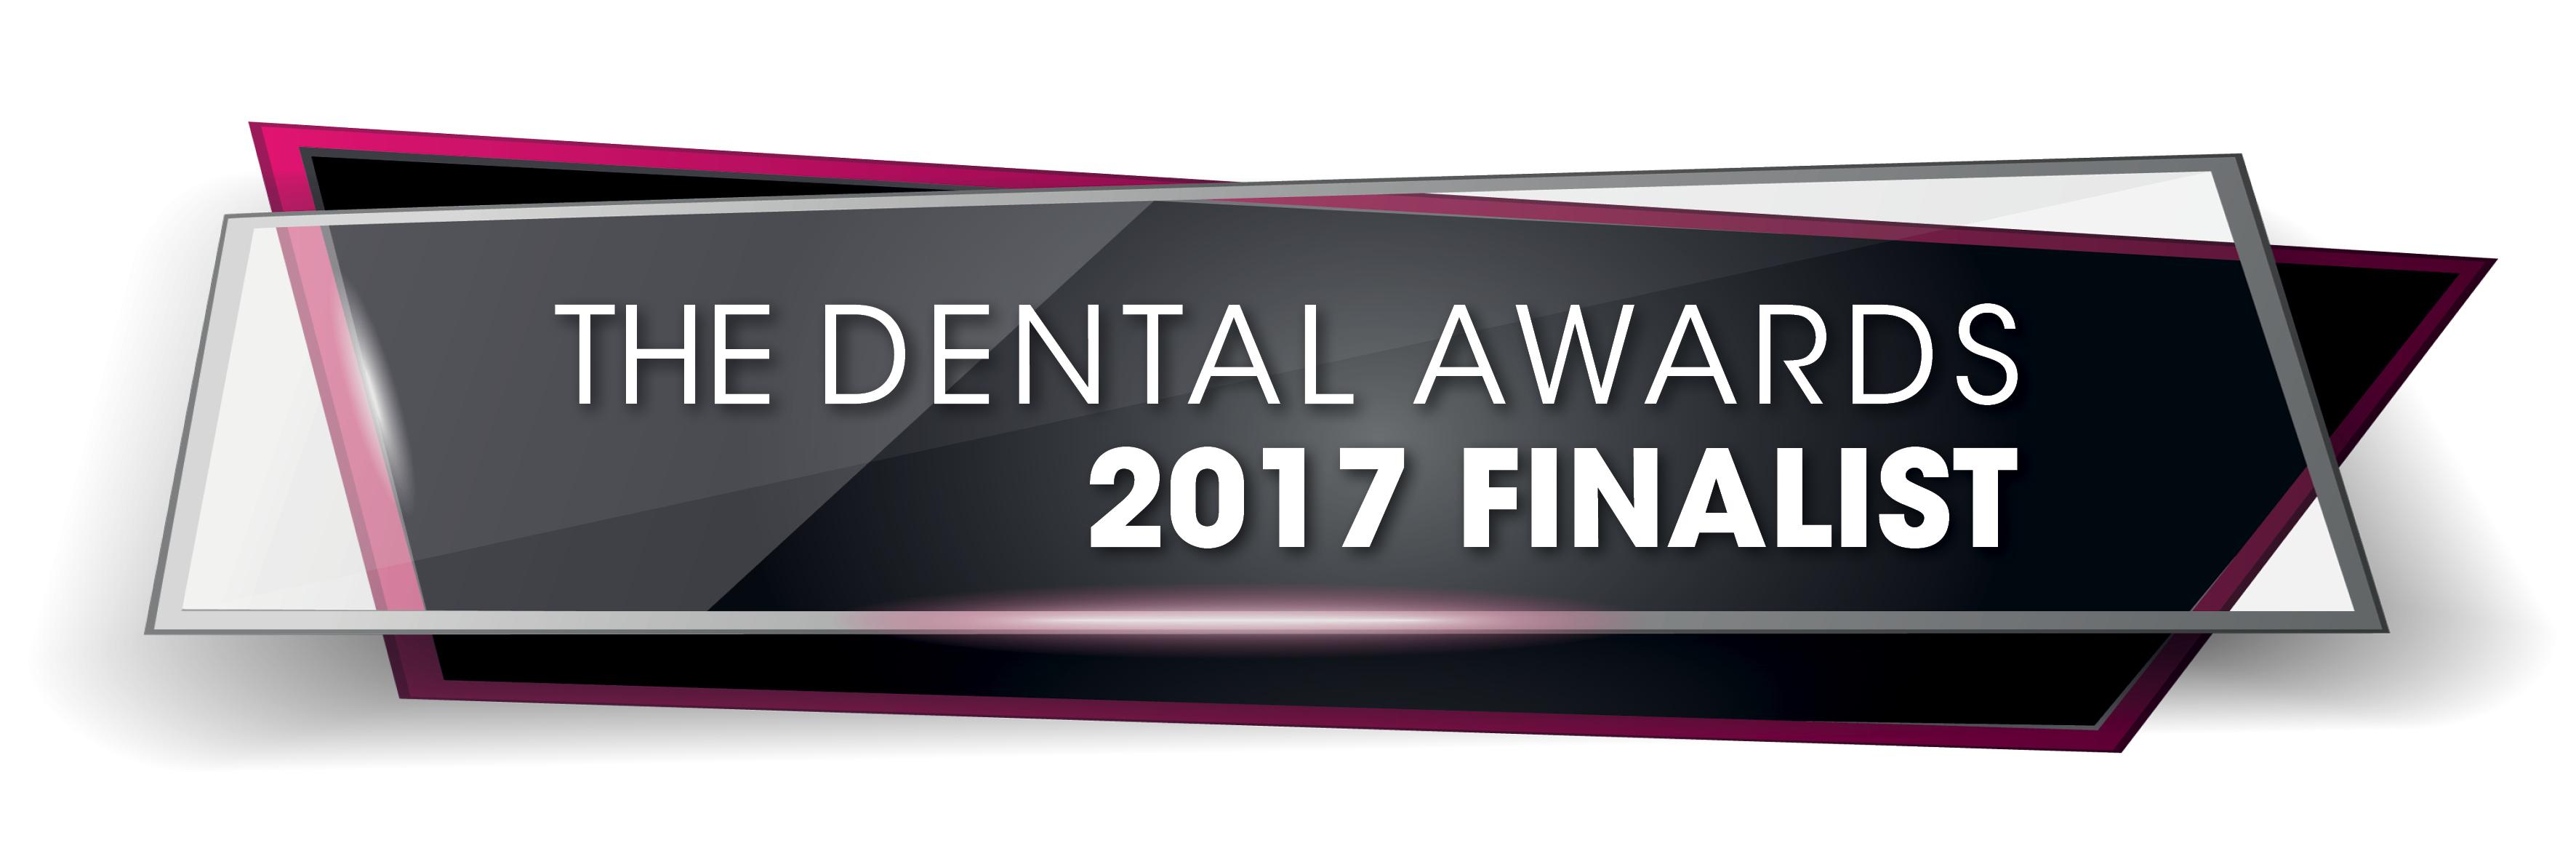 Dental Awards Finalist